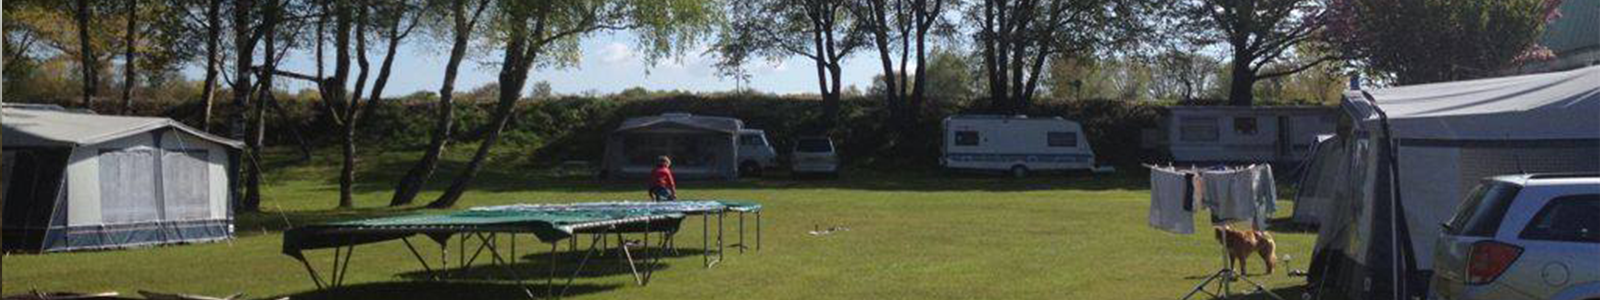 beukenhof-camping2